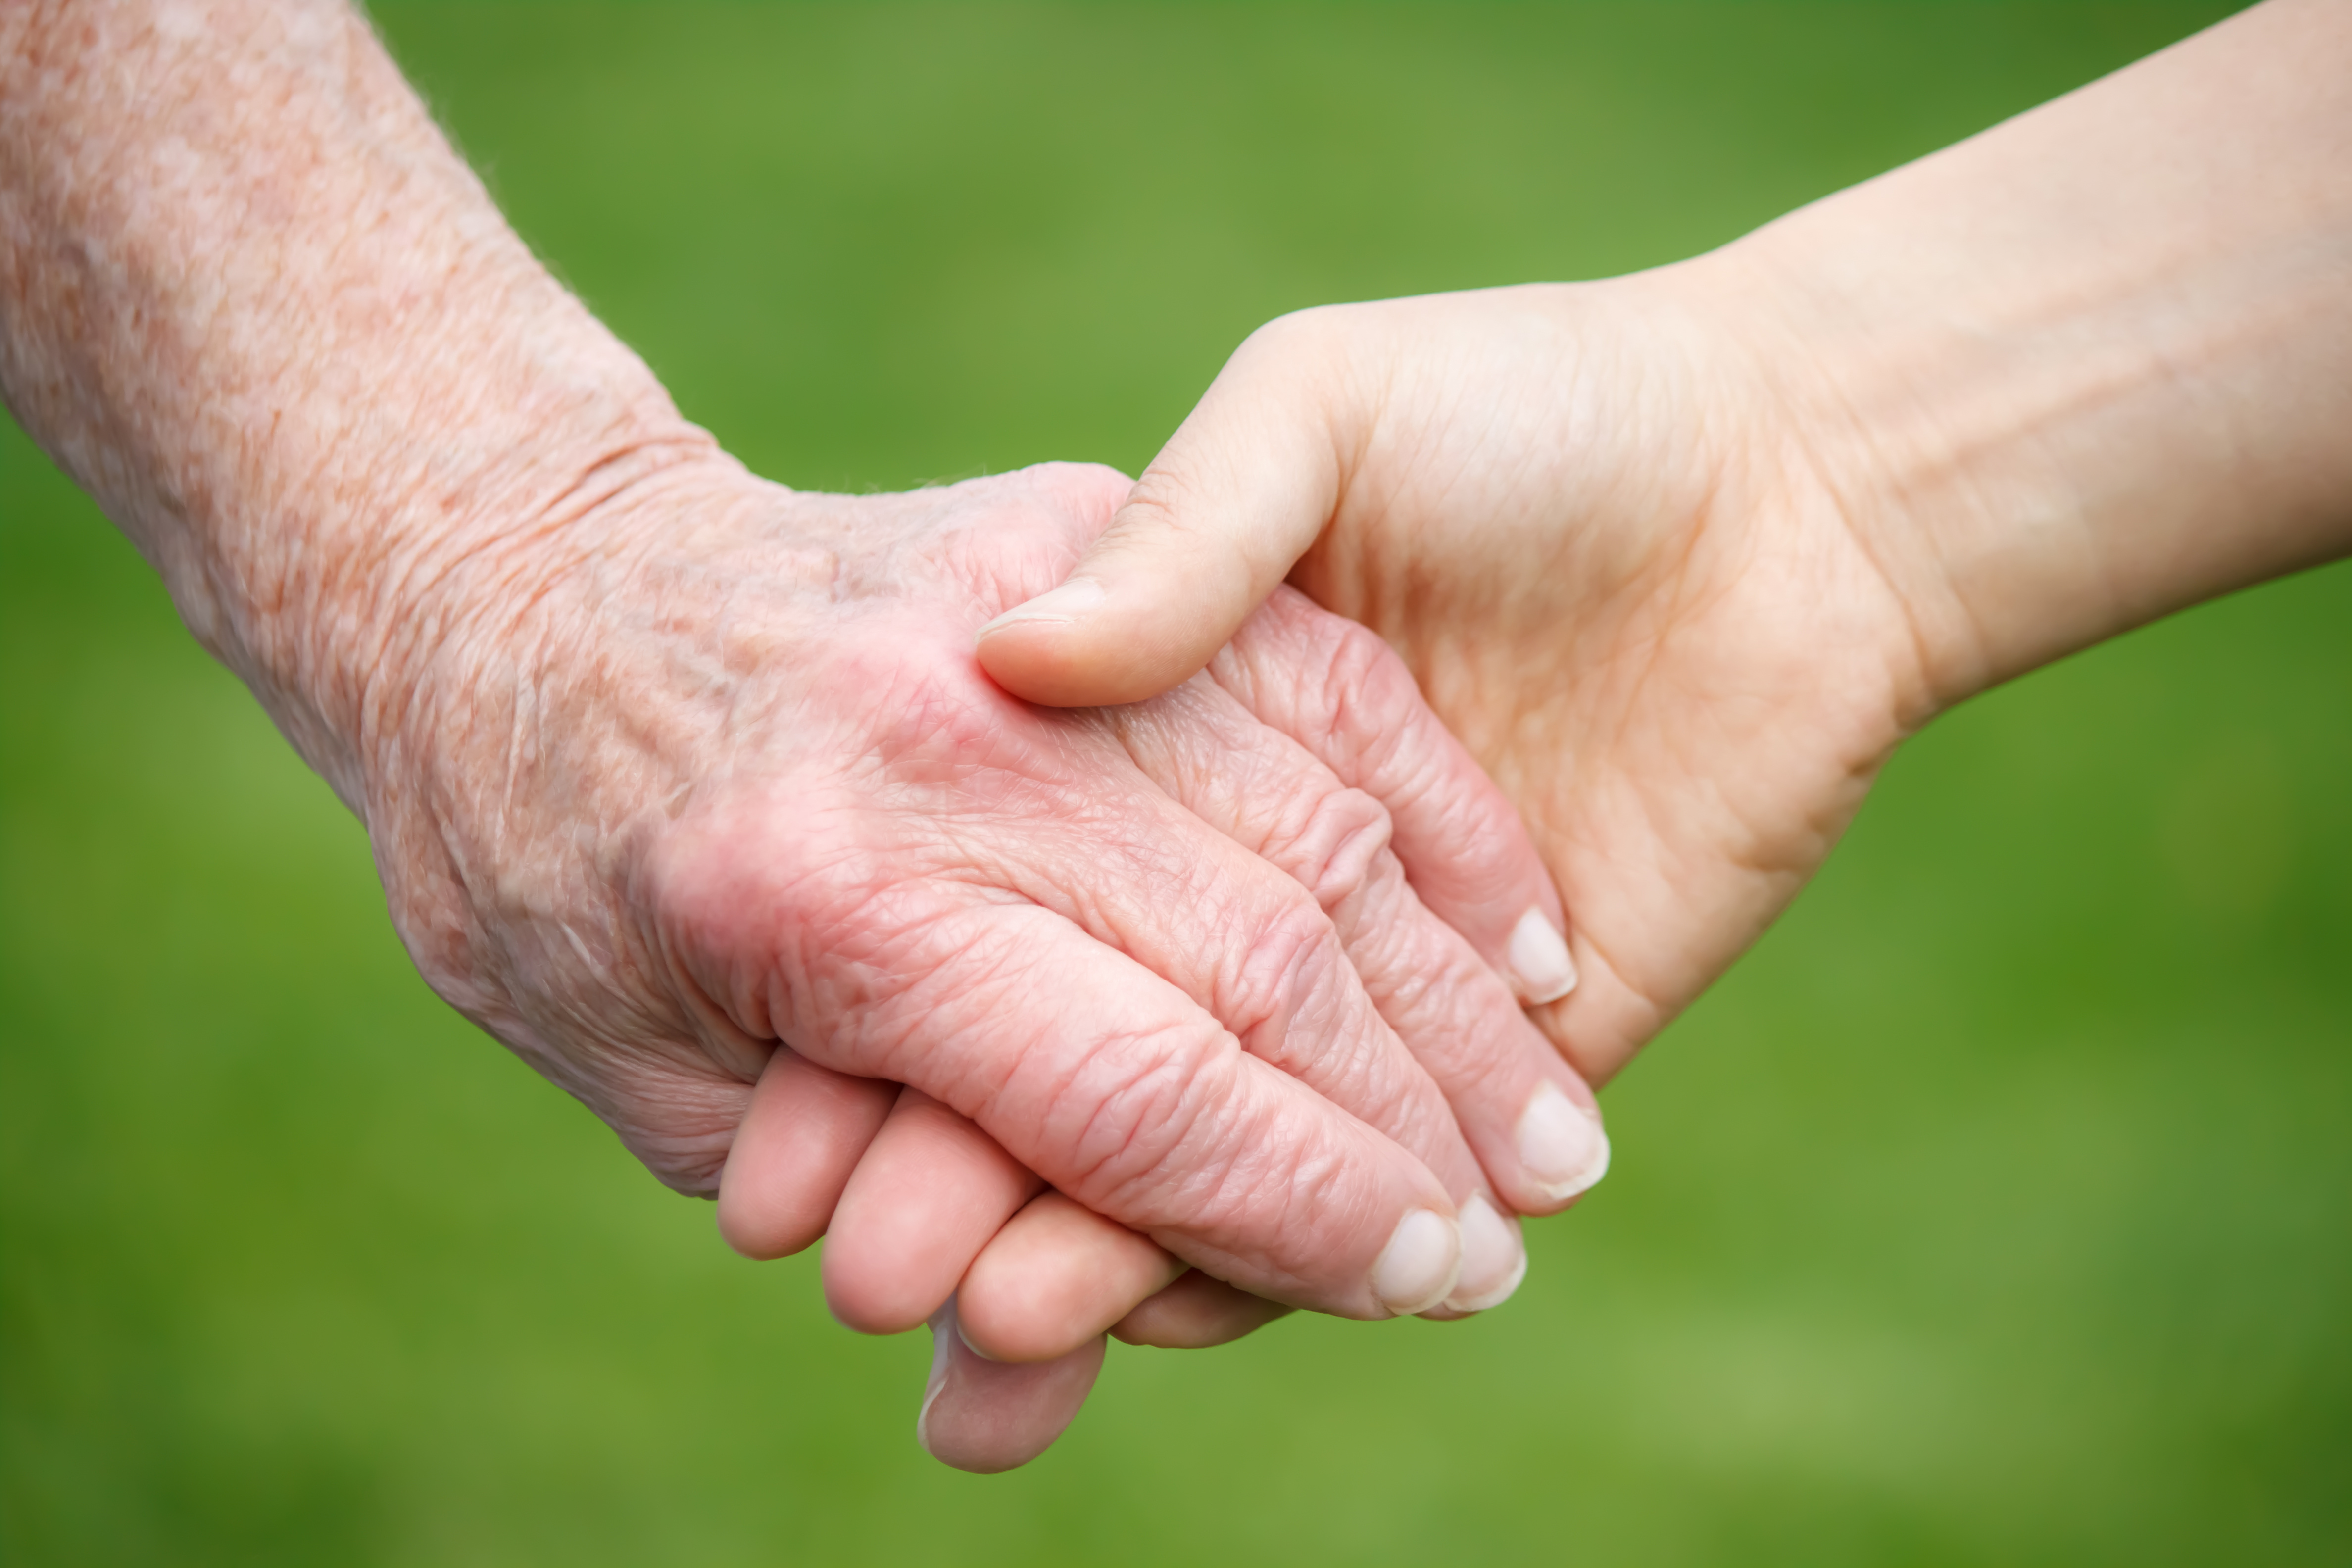 dementia-hands